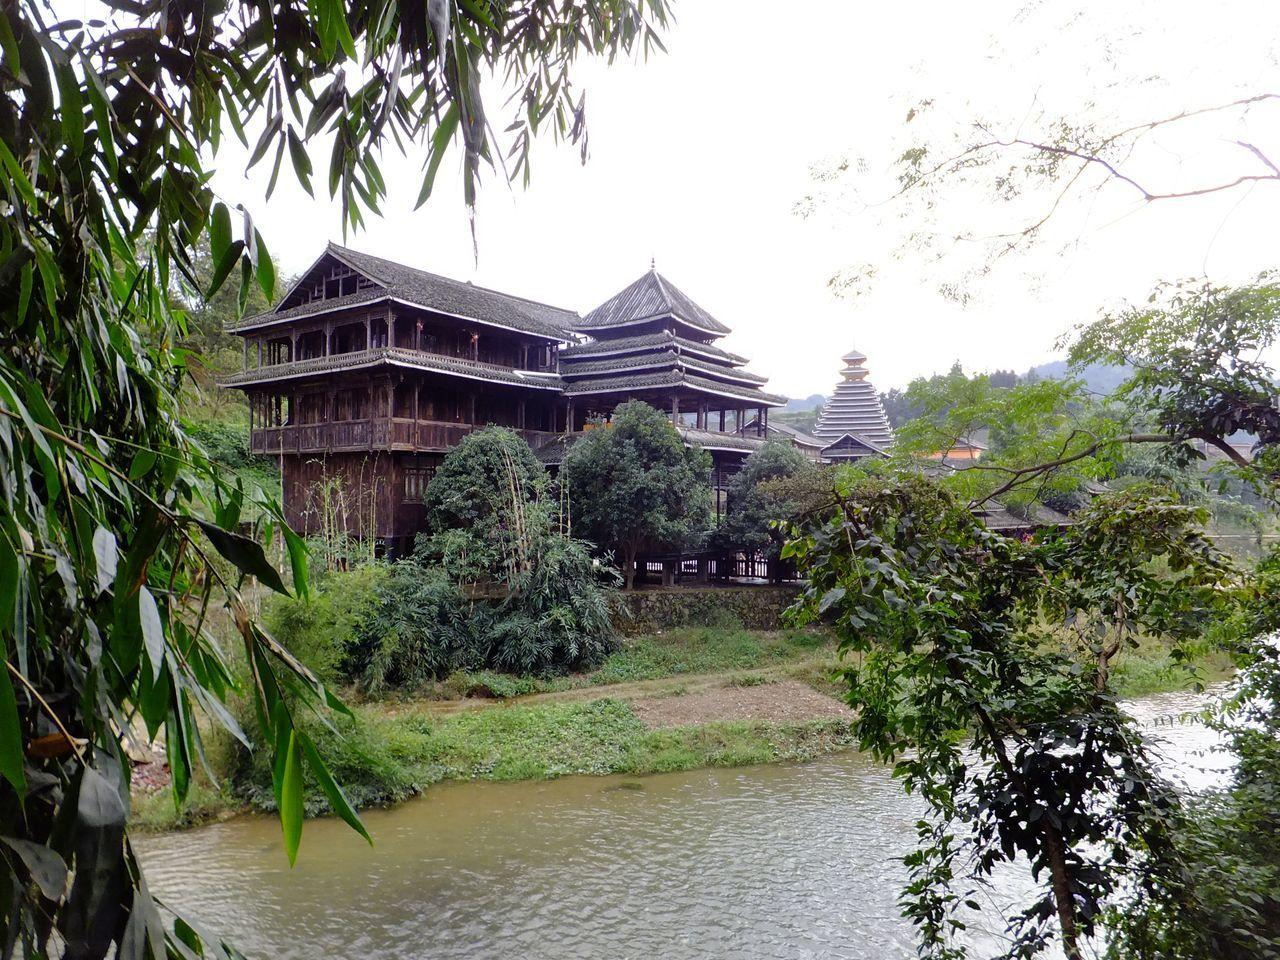 Nos 3 bonnes raisons de visiter la région de Chengyang